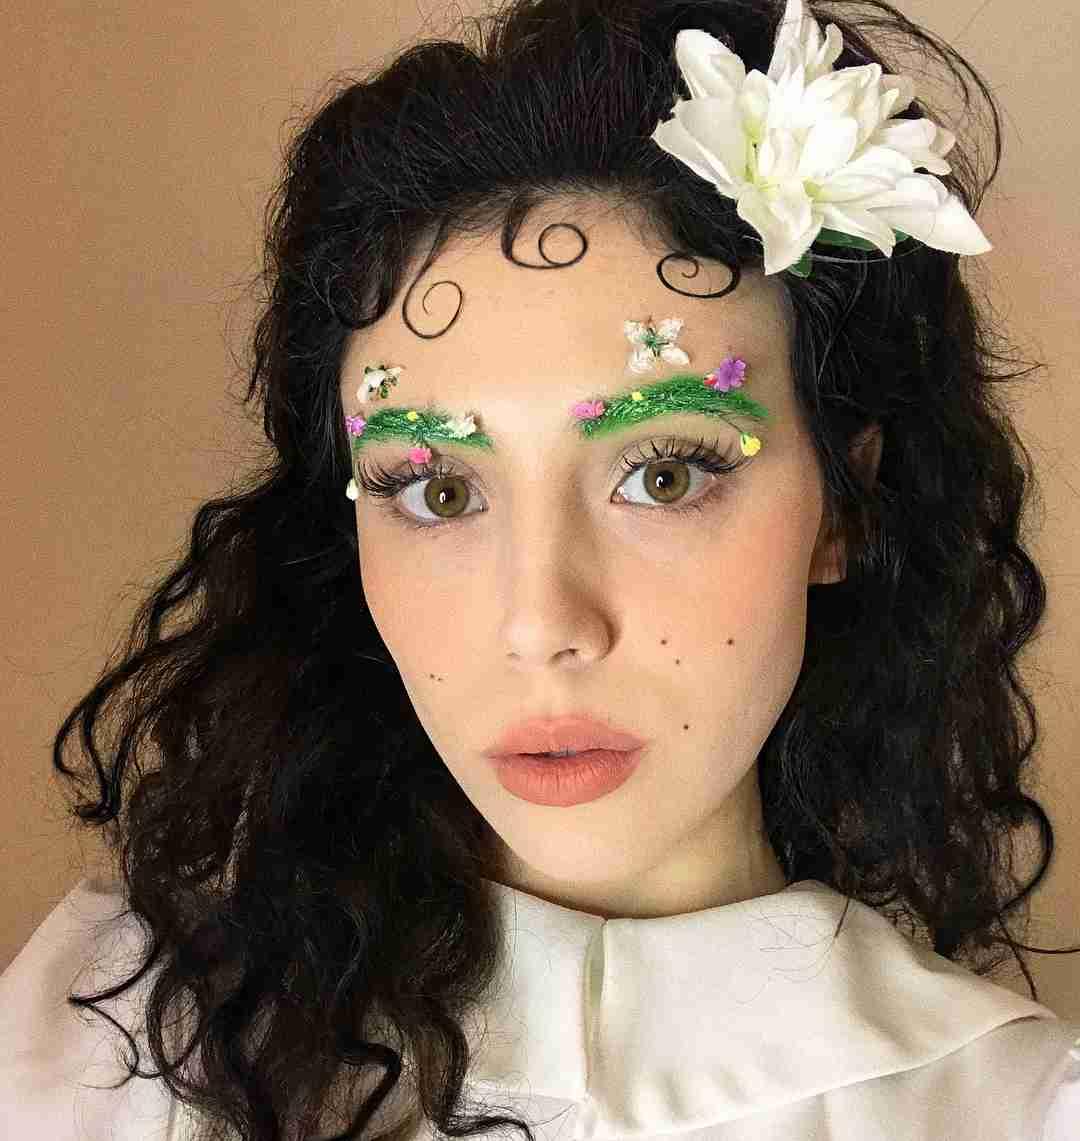 「インスタ映えする眉毛」花が咲く春らしい眉毛メイクに3万6000いいね!